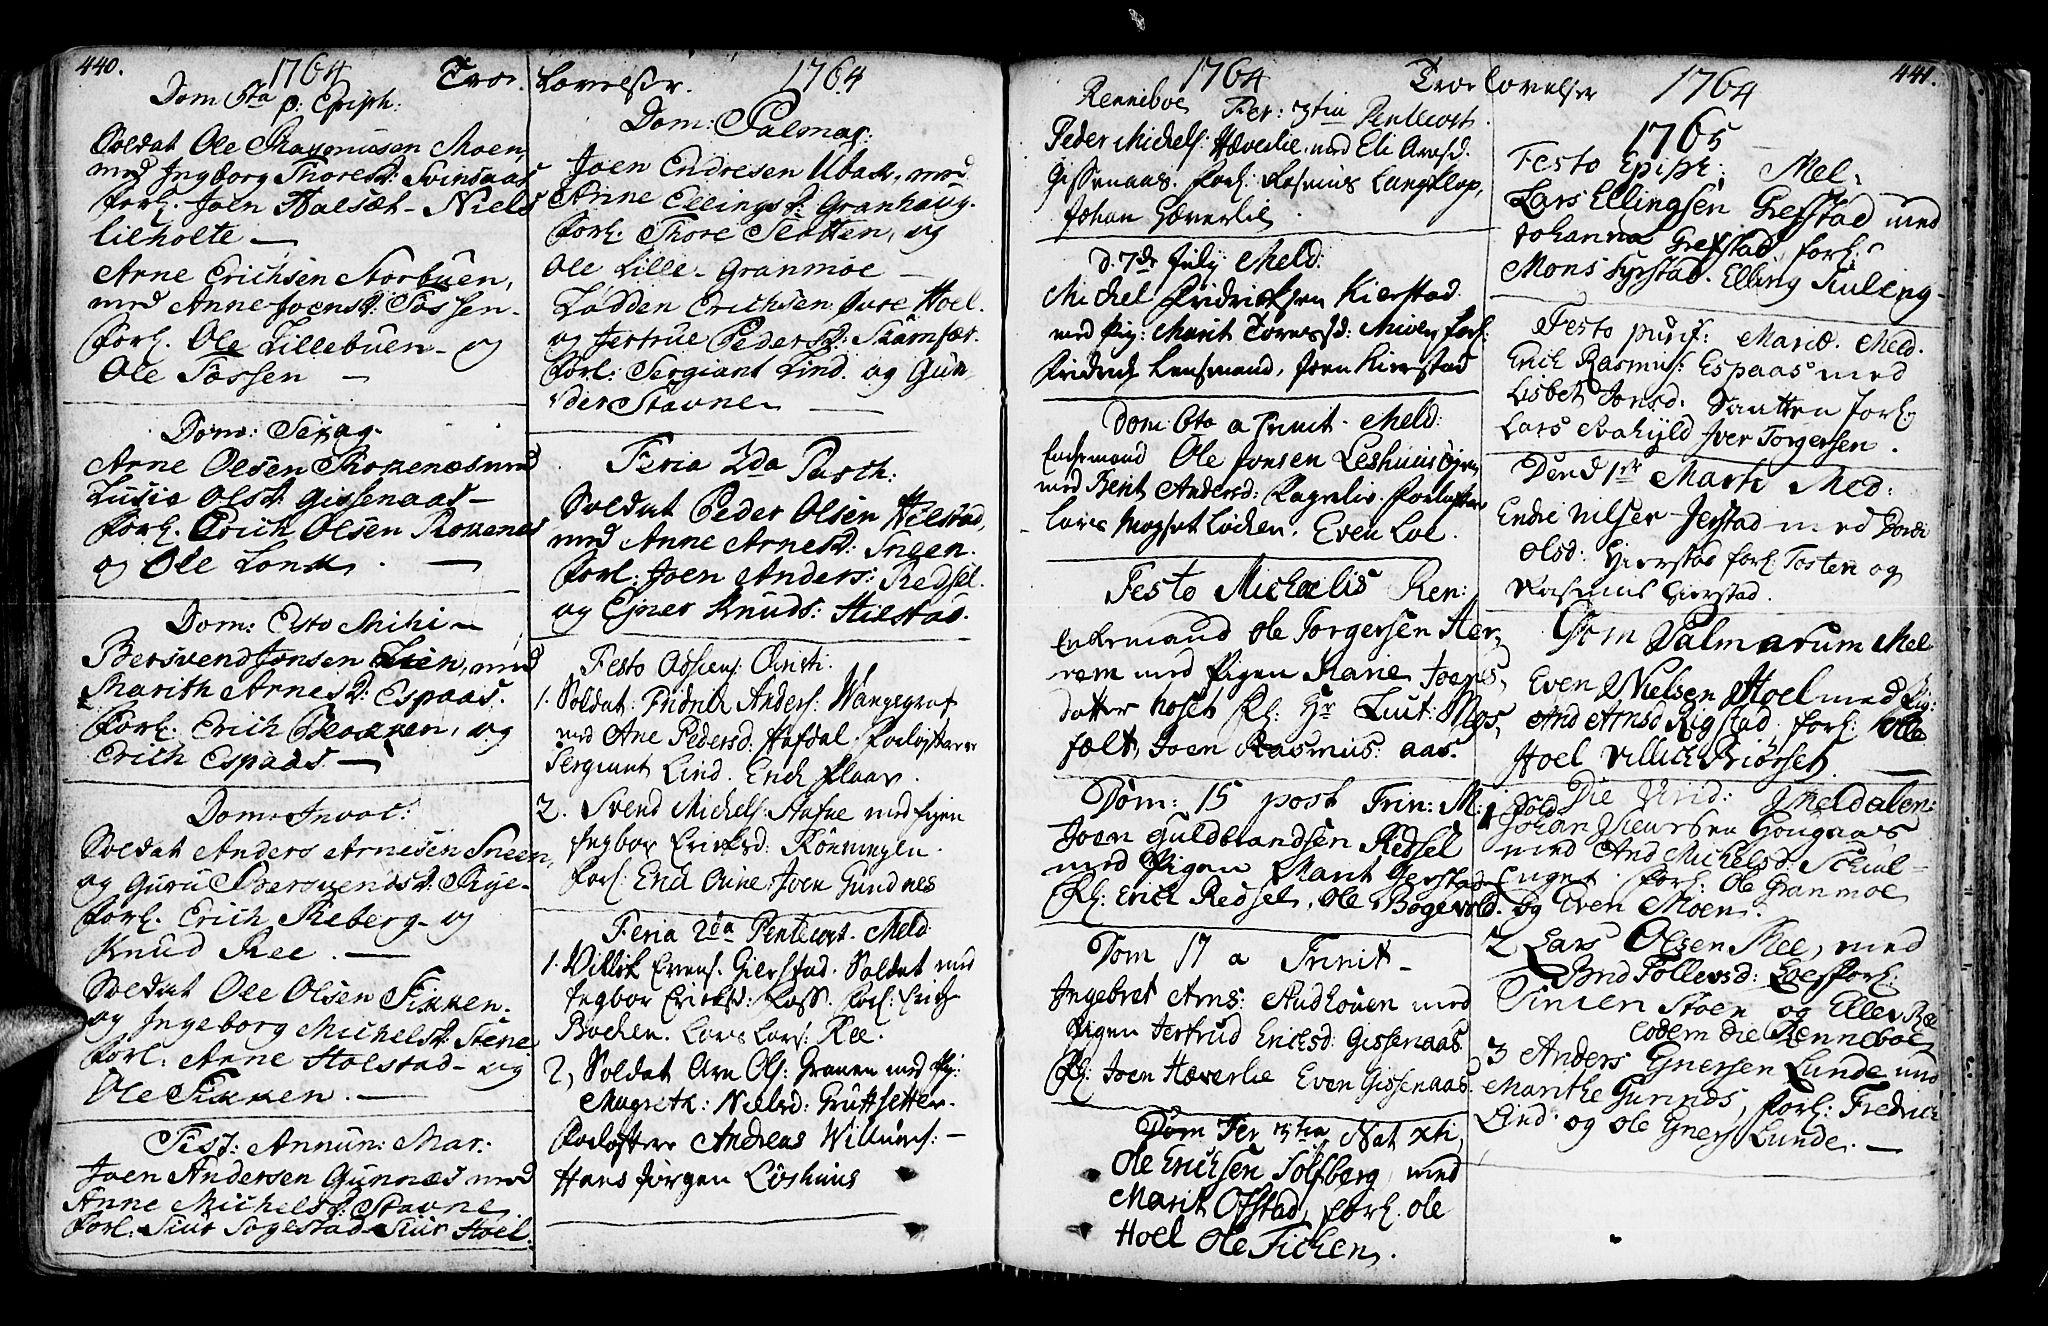 SAT, Ministerialprotokoller, klokkerbøker og fødselsregistre - Sør-Trøndelag, 672/L0851: Ministerialbok nr. 672A04, 1751-1775, s. 440-441